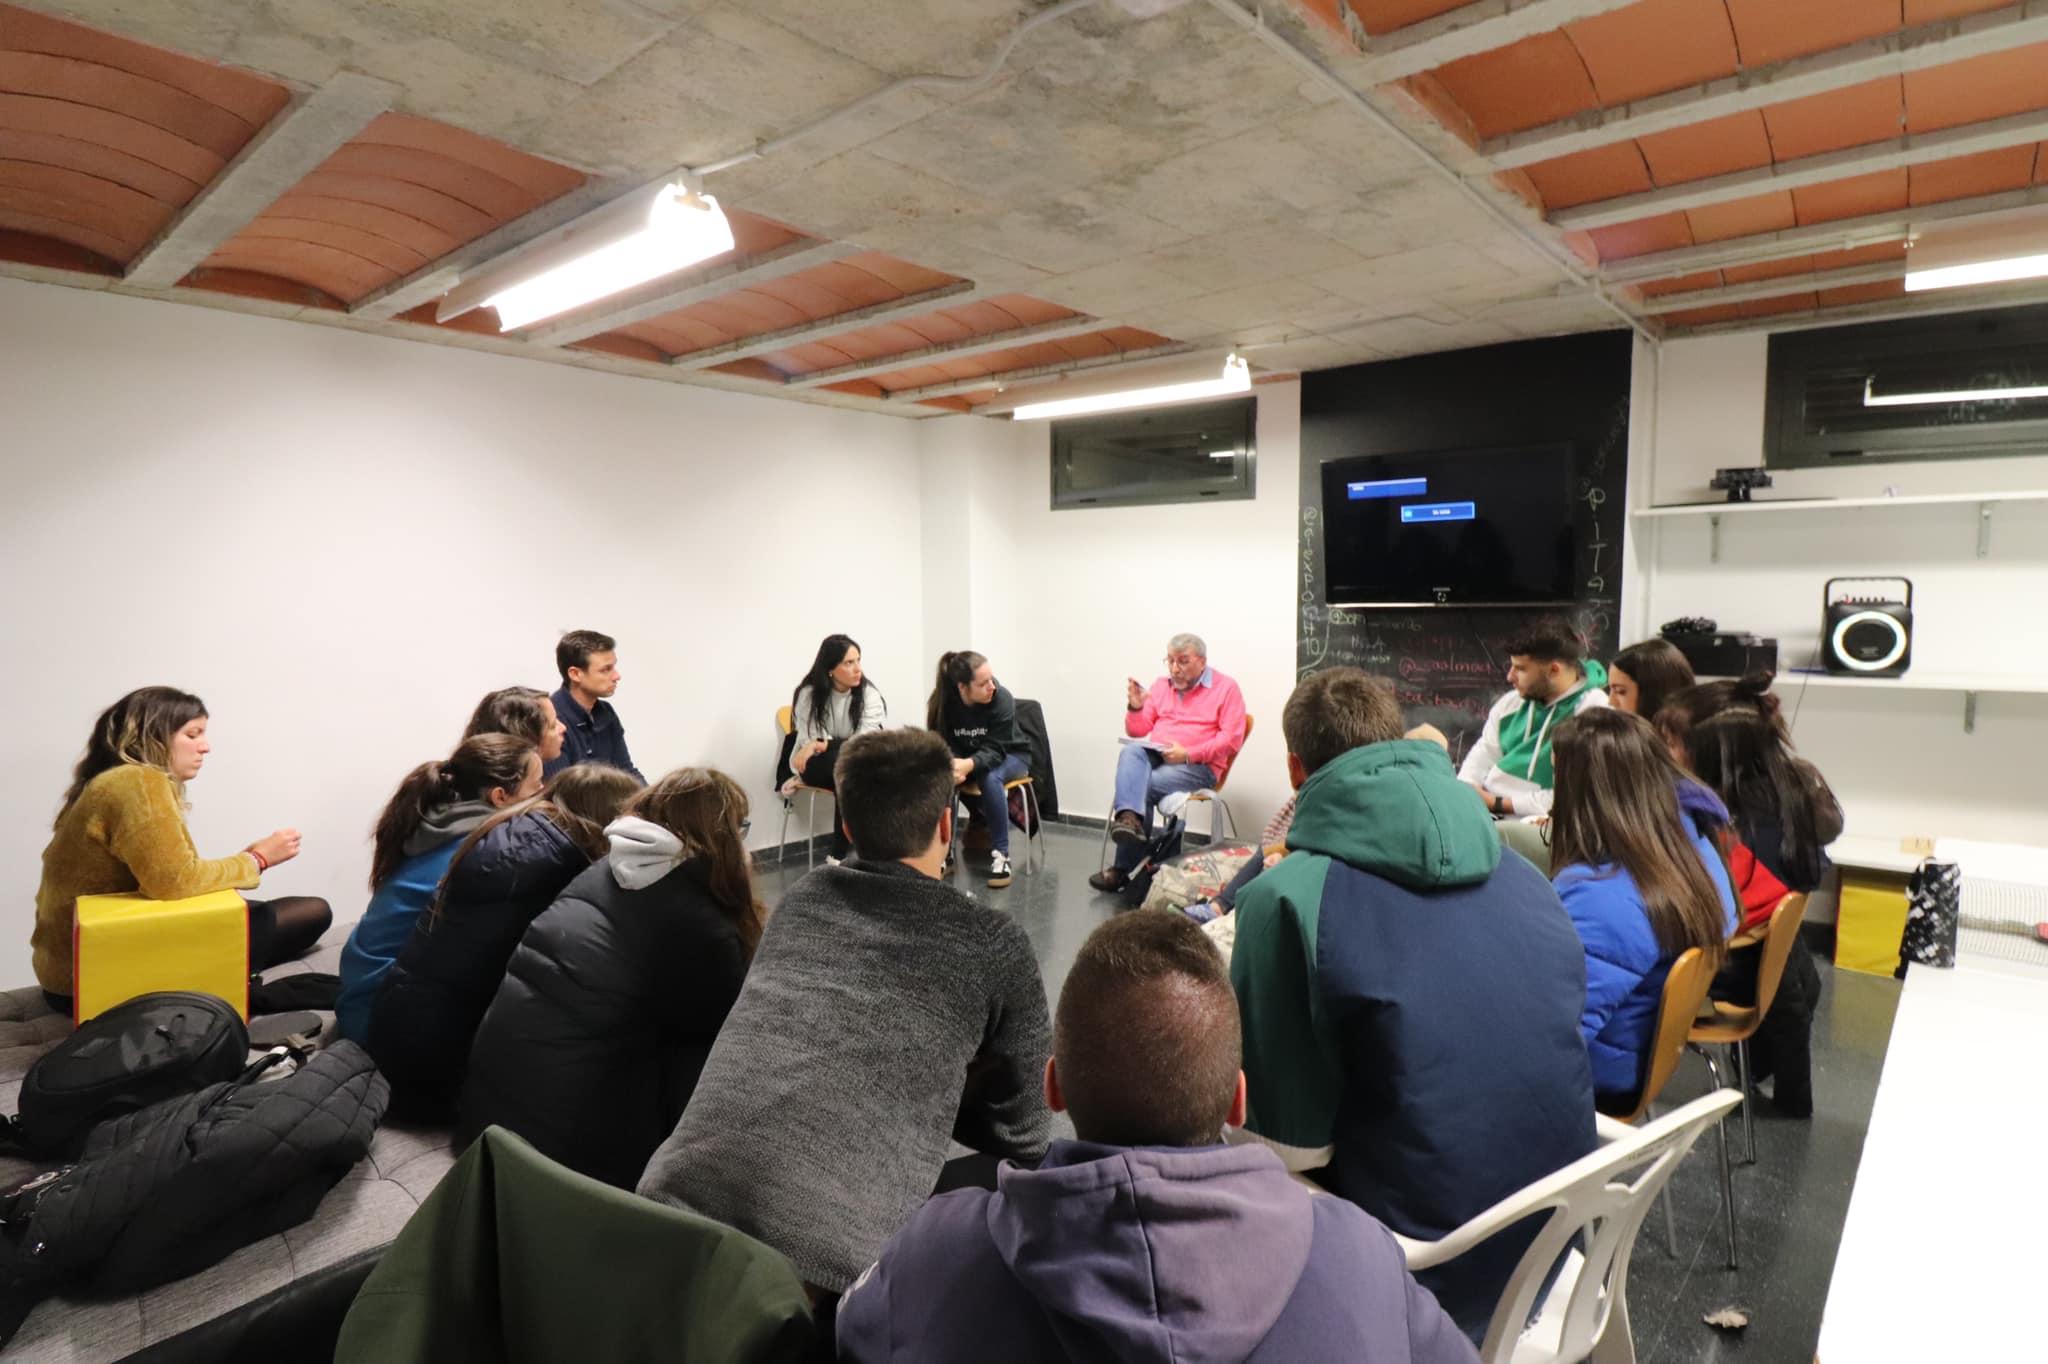 El divendres 29 de novembre a les 19h tindrà lloc la segona reunió perquè els joves triïn els grups que actuaran durant les nits joves de la Festa Major 2020